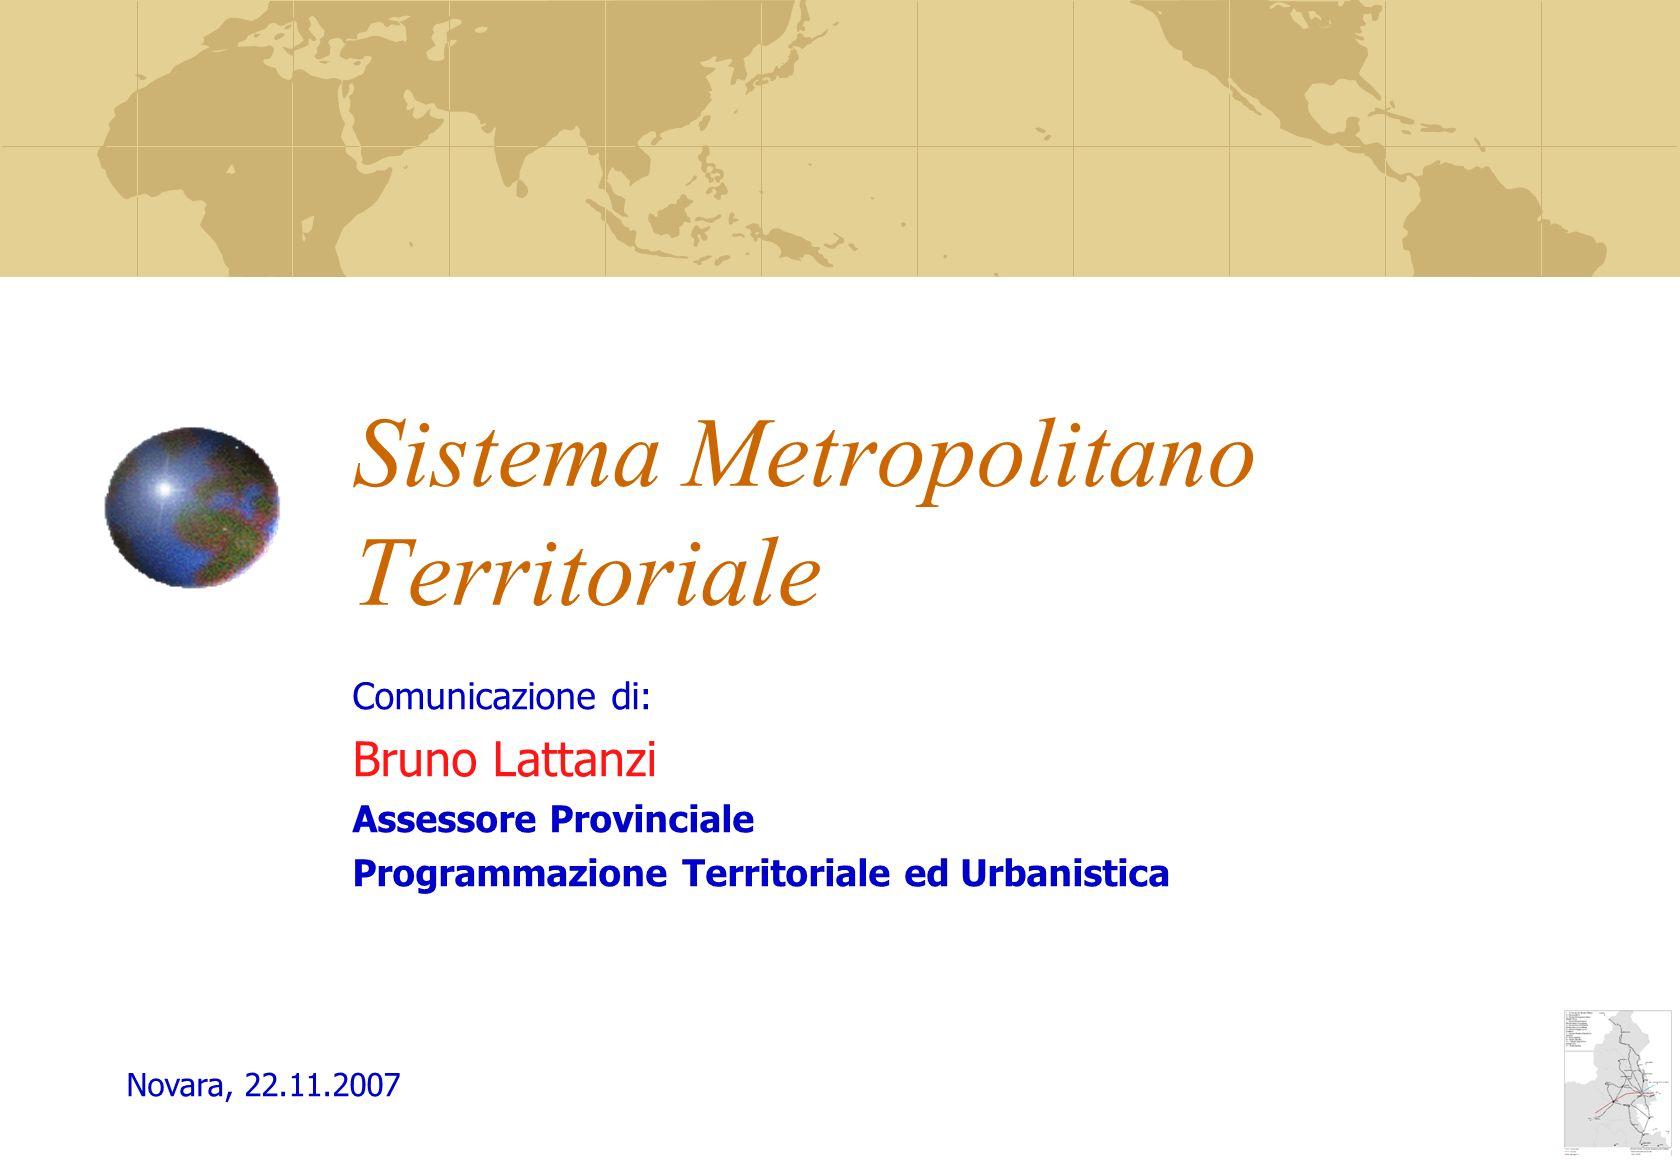 Sistema Metropolitano Territoriale Comunicazione di: Bruno Lattanzi Assessore Provinciale Programmazione Territoriale ed Urbanistica Novara, 22.11.2007